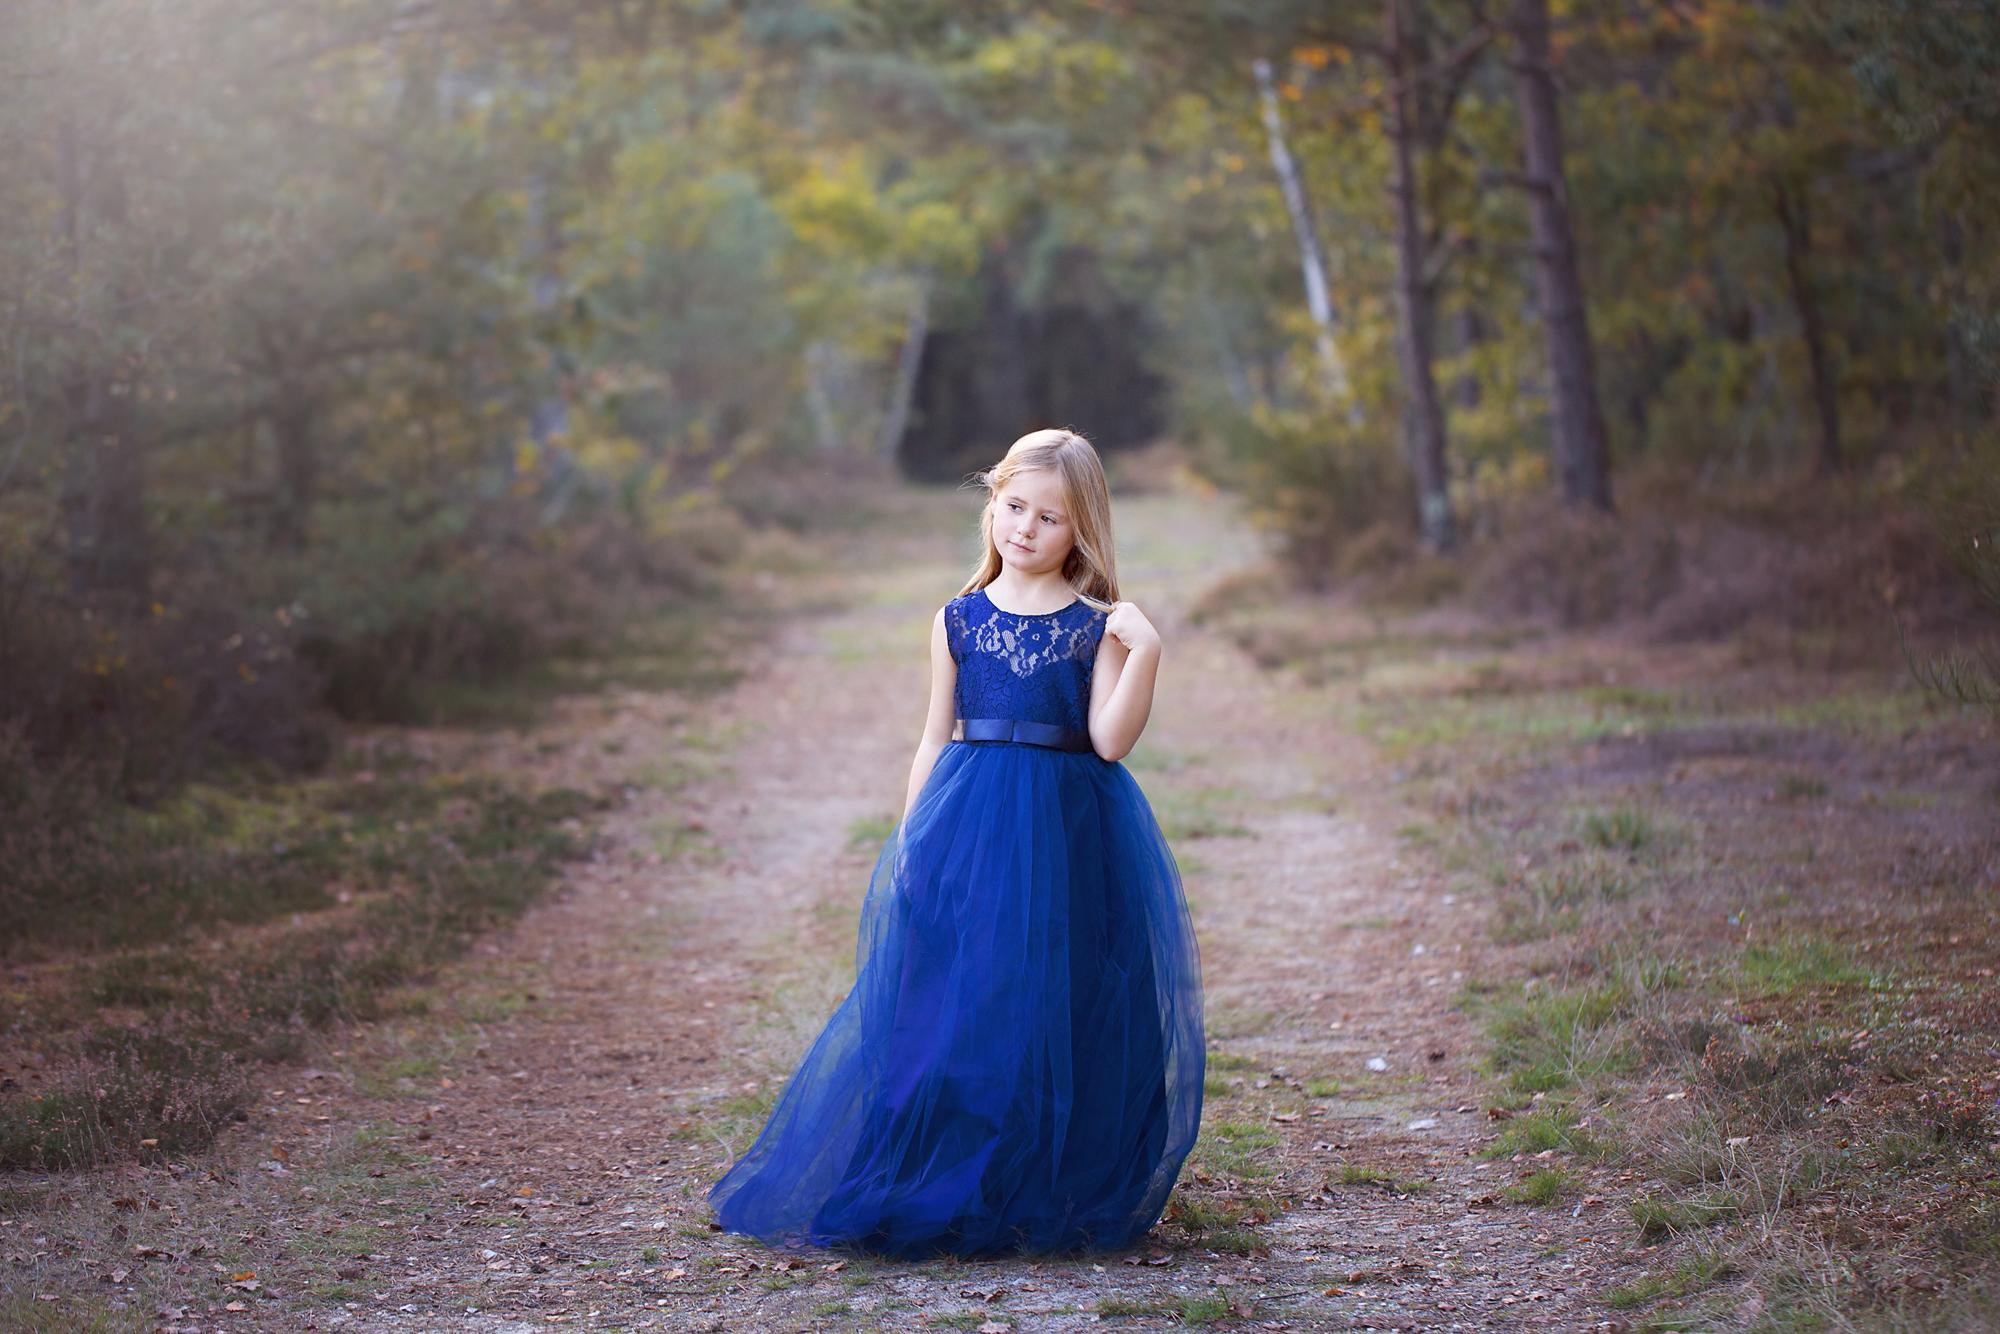 photographe-enfant-sur-mesure-haute-couture-seance-paris